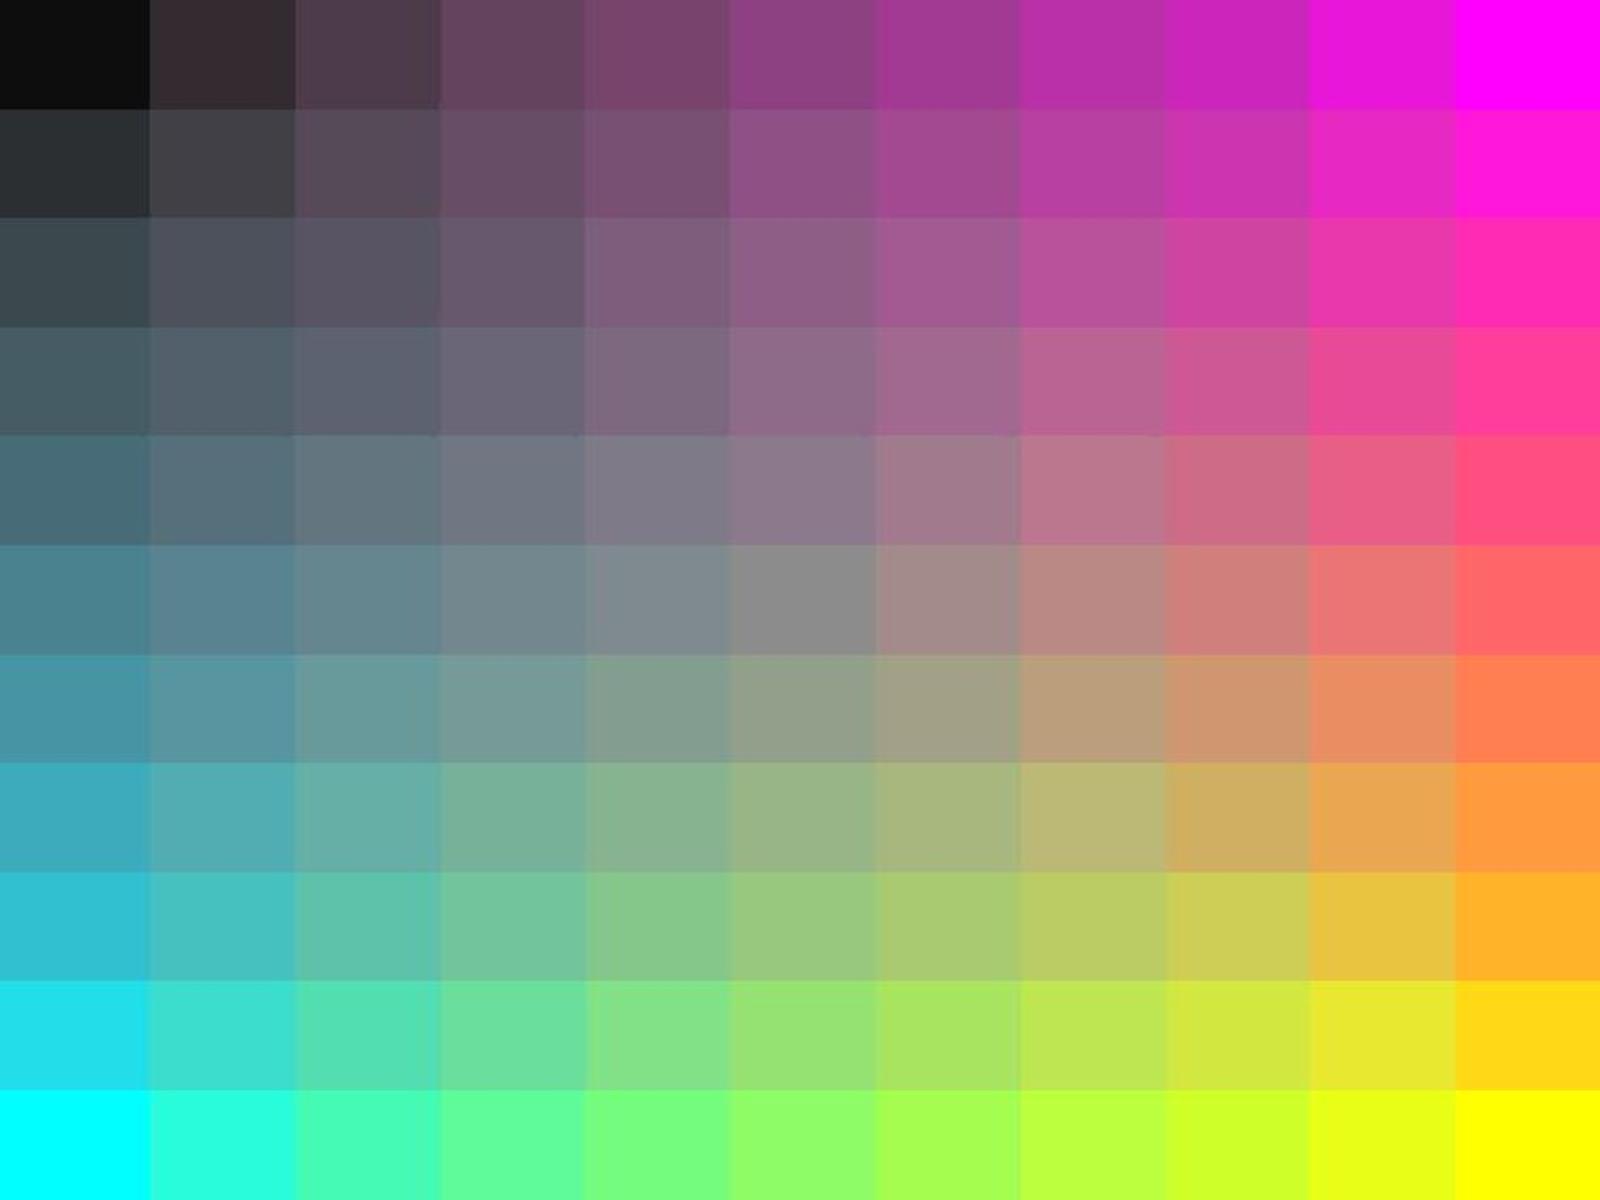 Rainbow grid backgrounds abstract beige black blue brown rainbow grid ppt template toneelgroepblik Gallery